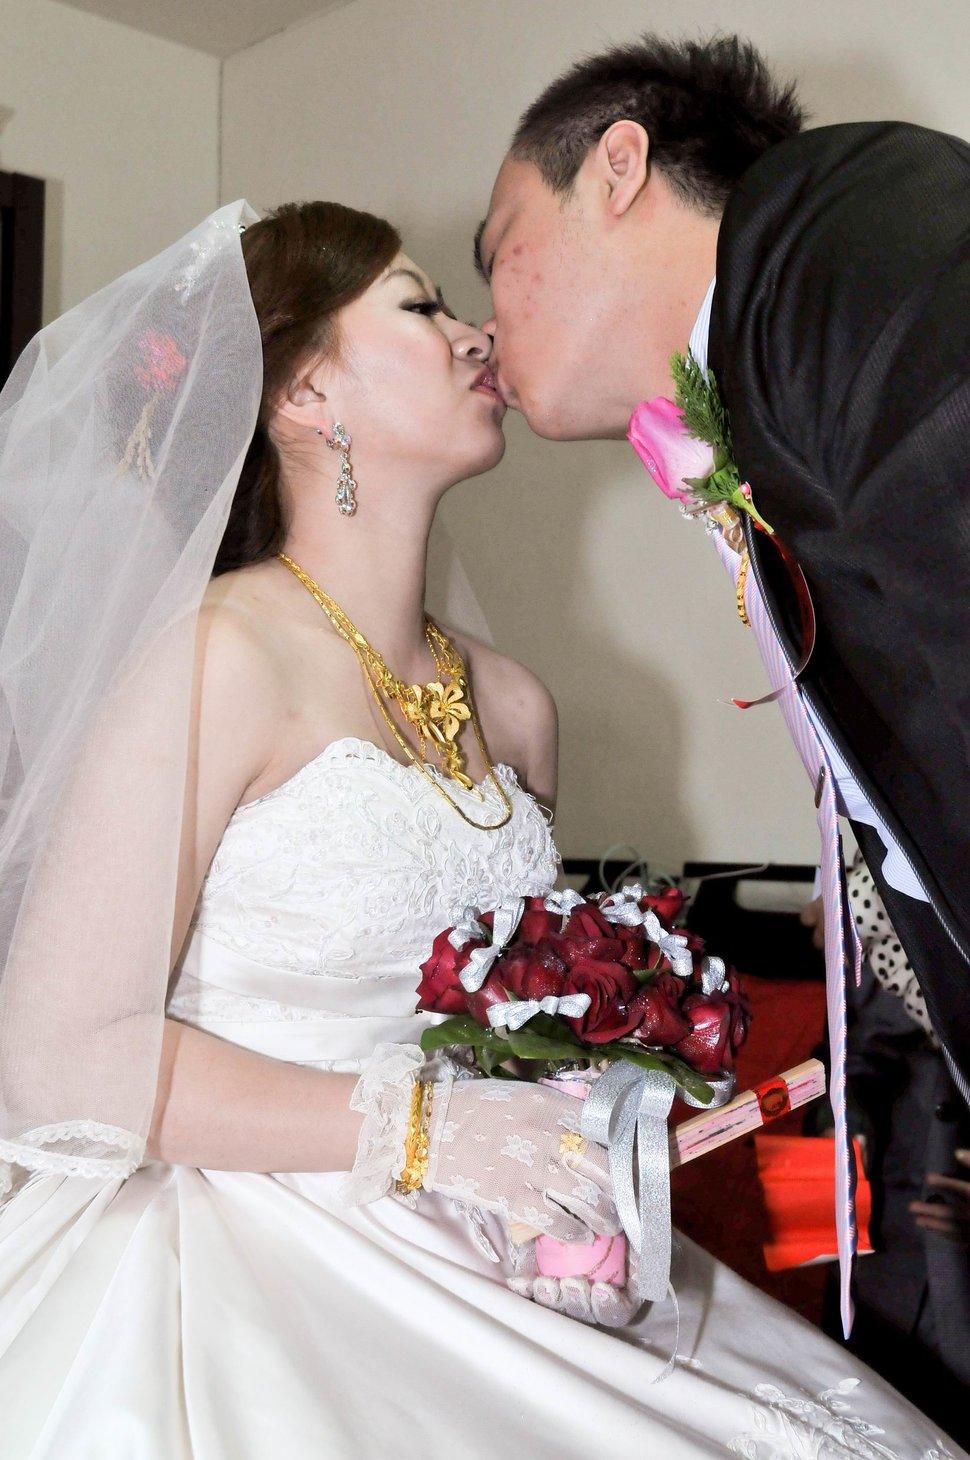 海產大王文定結婚儀式迎娶晚宴婚禮結婚儀式午宴婚禮記錄動態微電影錄影專業錄影平面攝影婚攝婚禮主持人(編號:303392) - 蜜月拍照10800錄影12800攝影團隊 - 結婚吧